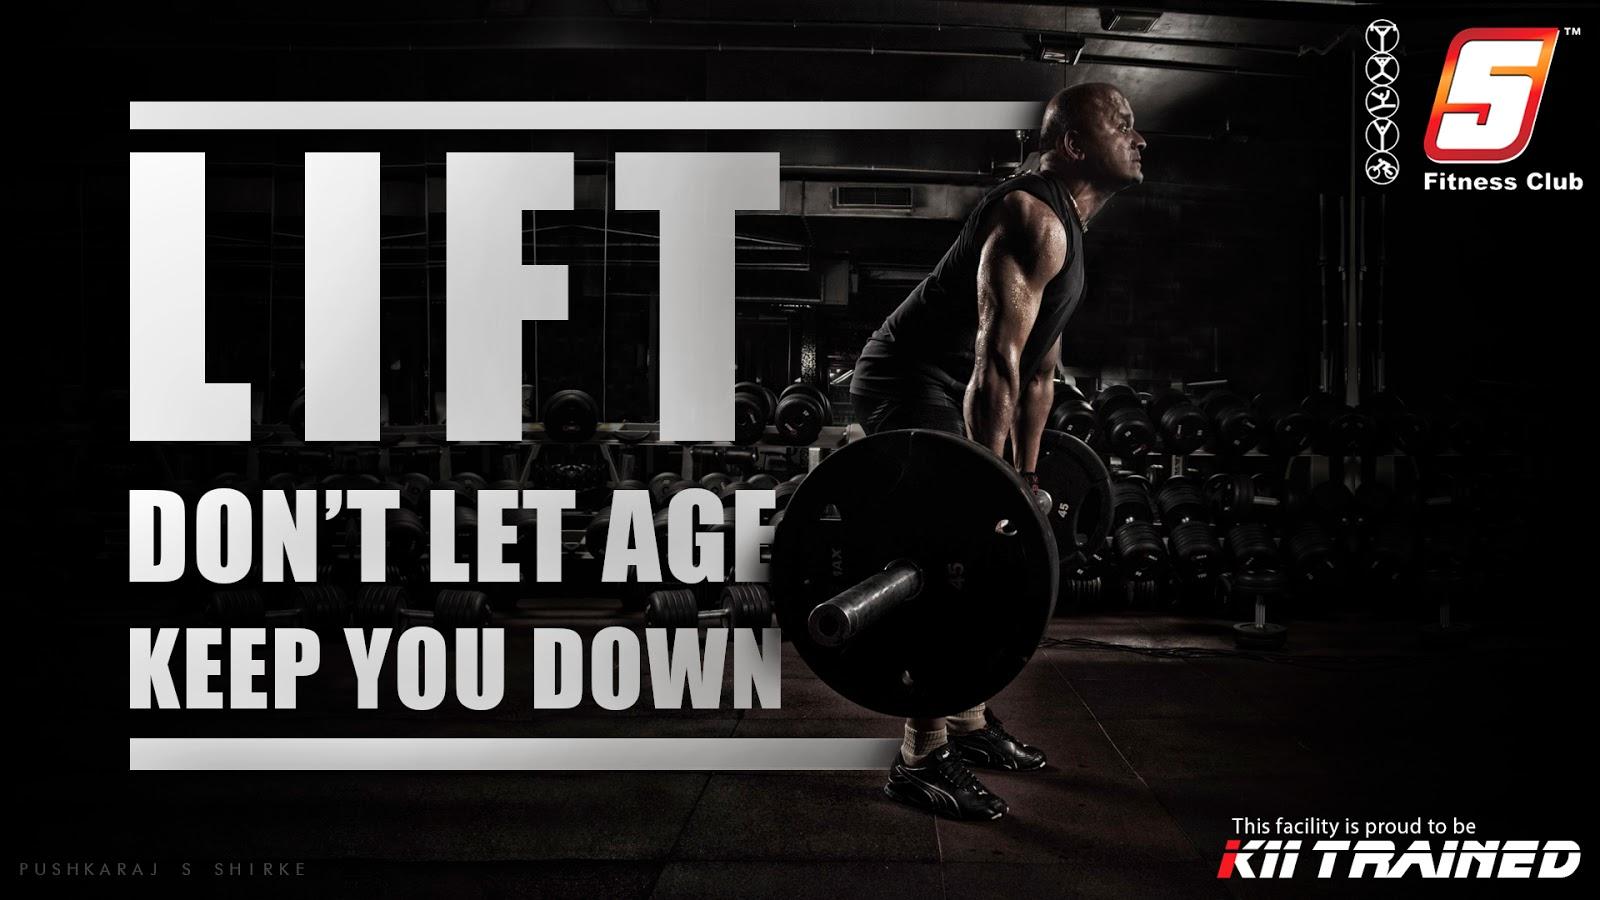 5+fitness+club+gym+k11+trained+anti+agen